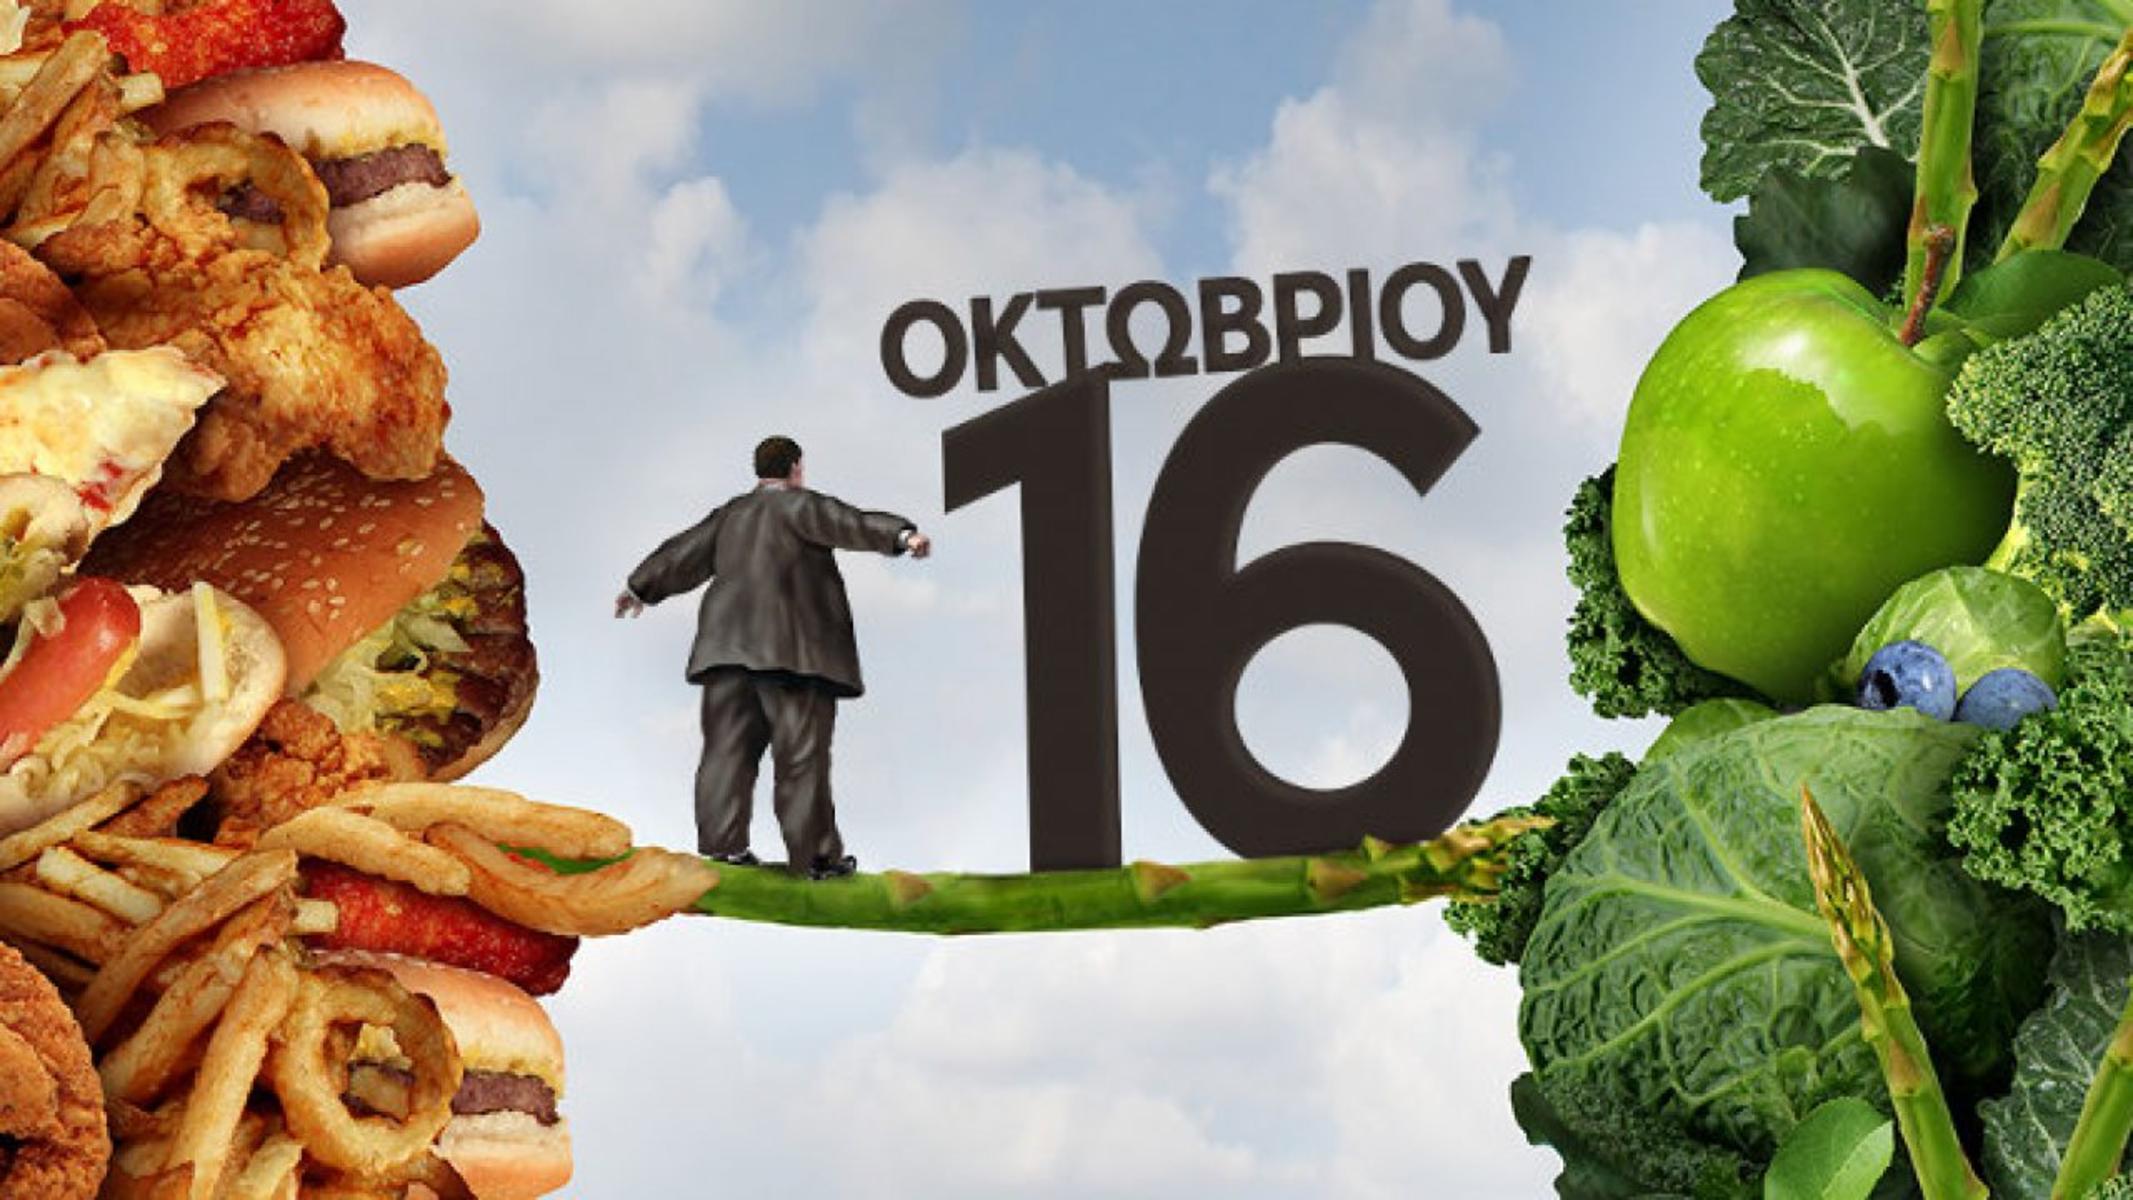 Παγκόσμια Ημέρα Διατροφής: Κάθε χρόνο στις 16 Οκτωβρίου